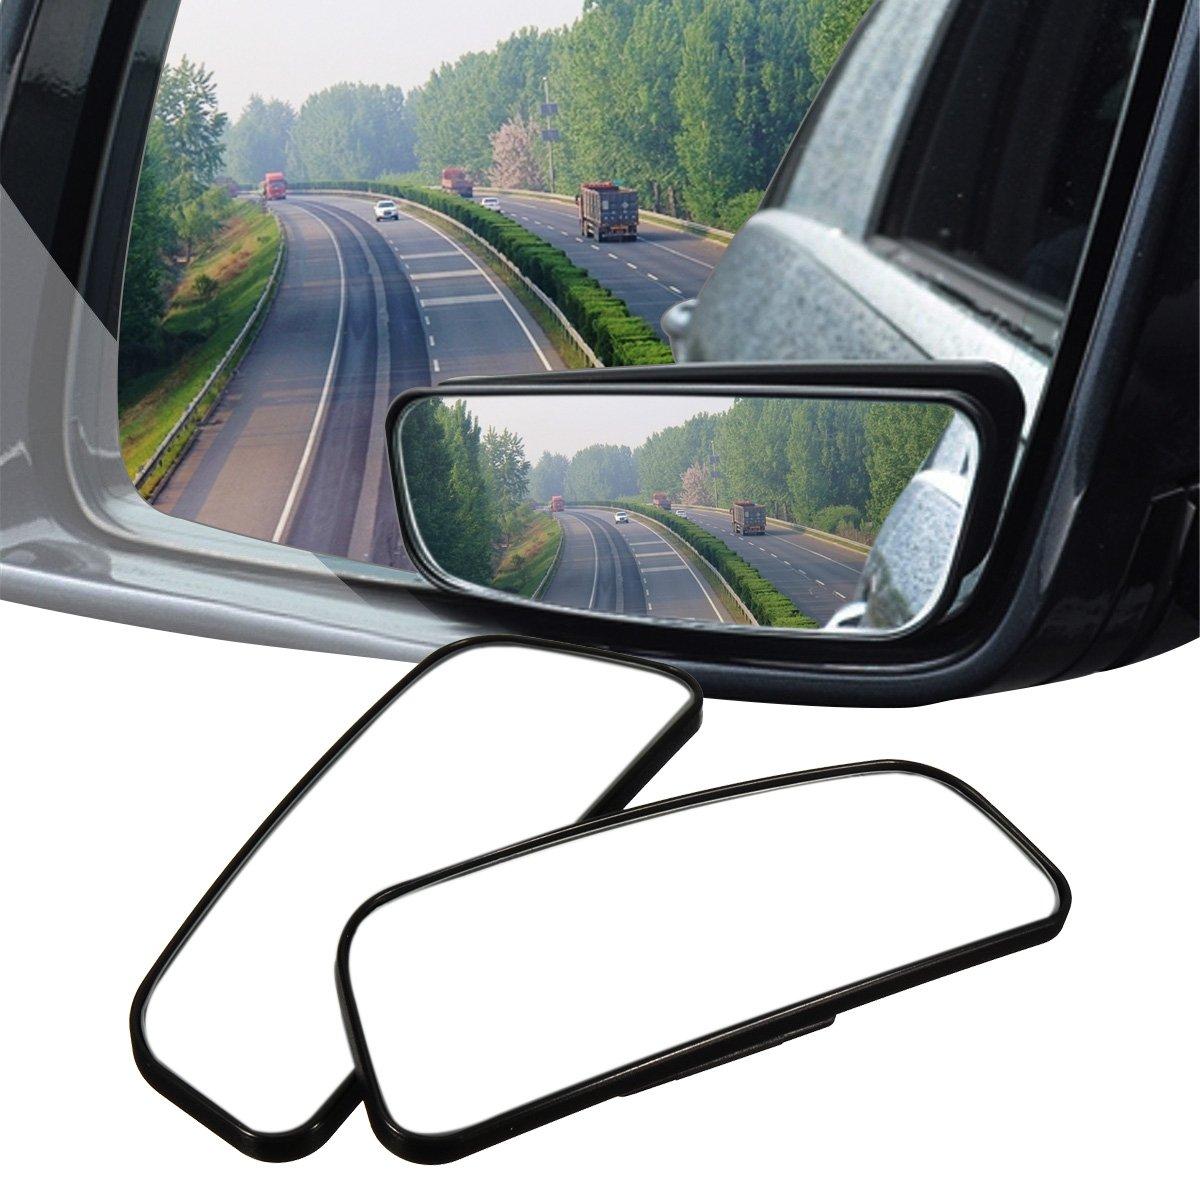 Audew 2x Miroir Rétroviseurs Extérieur Auxiliaire Angle Mort Blind Spot Mirror Pour Voiture Camion